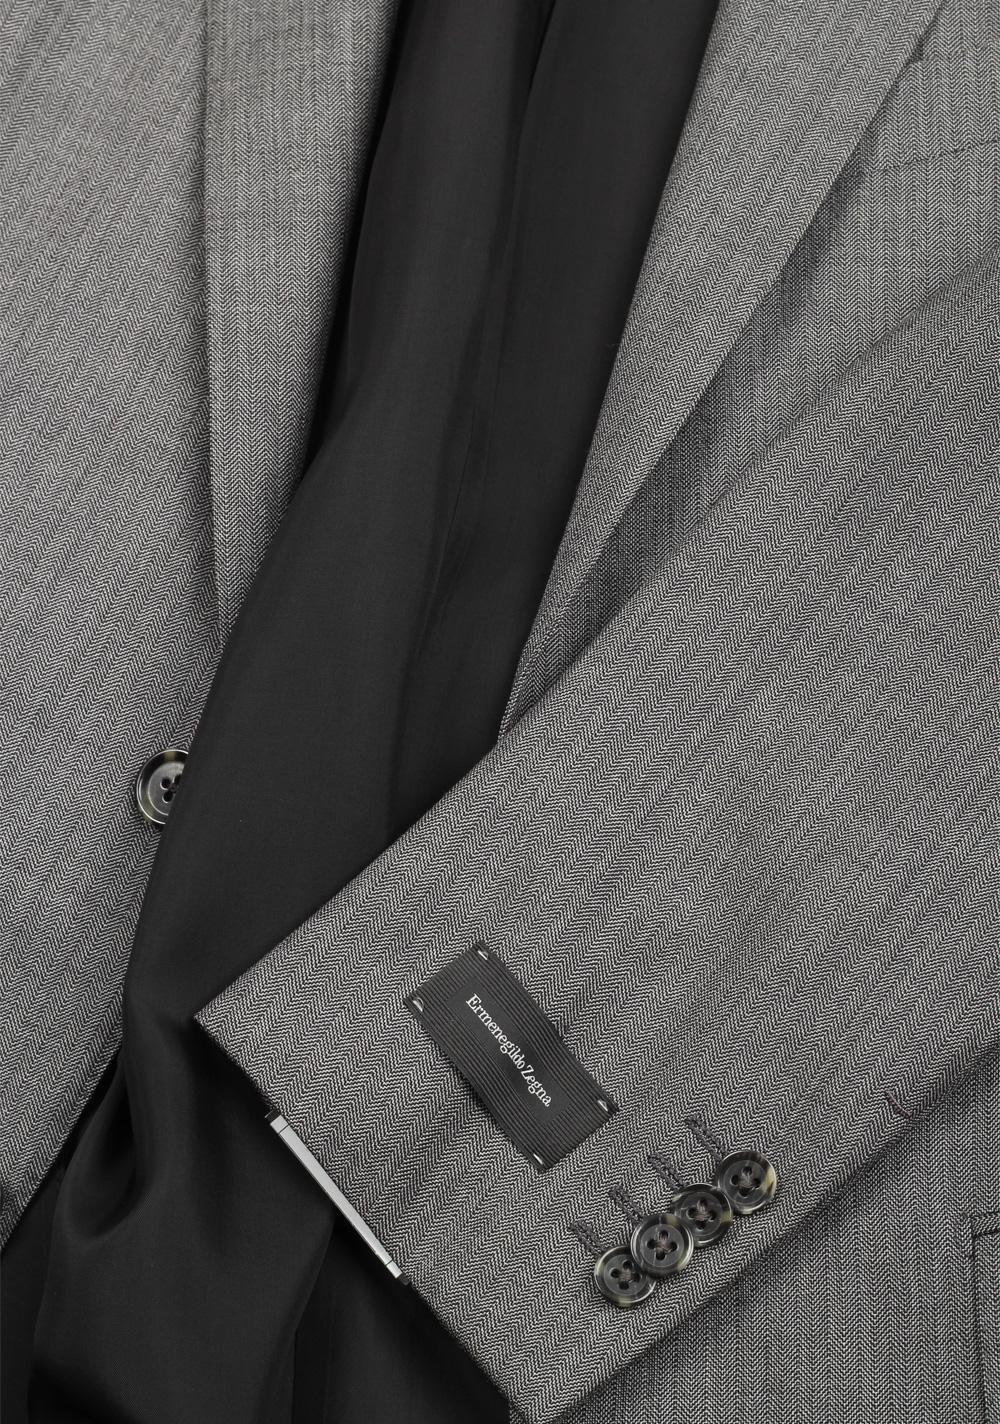 Ermenegildo Zegna Mila Gray Suit Size 46 / 36R U.S. | Costume Limité